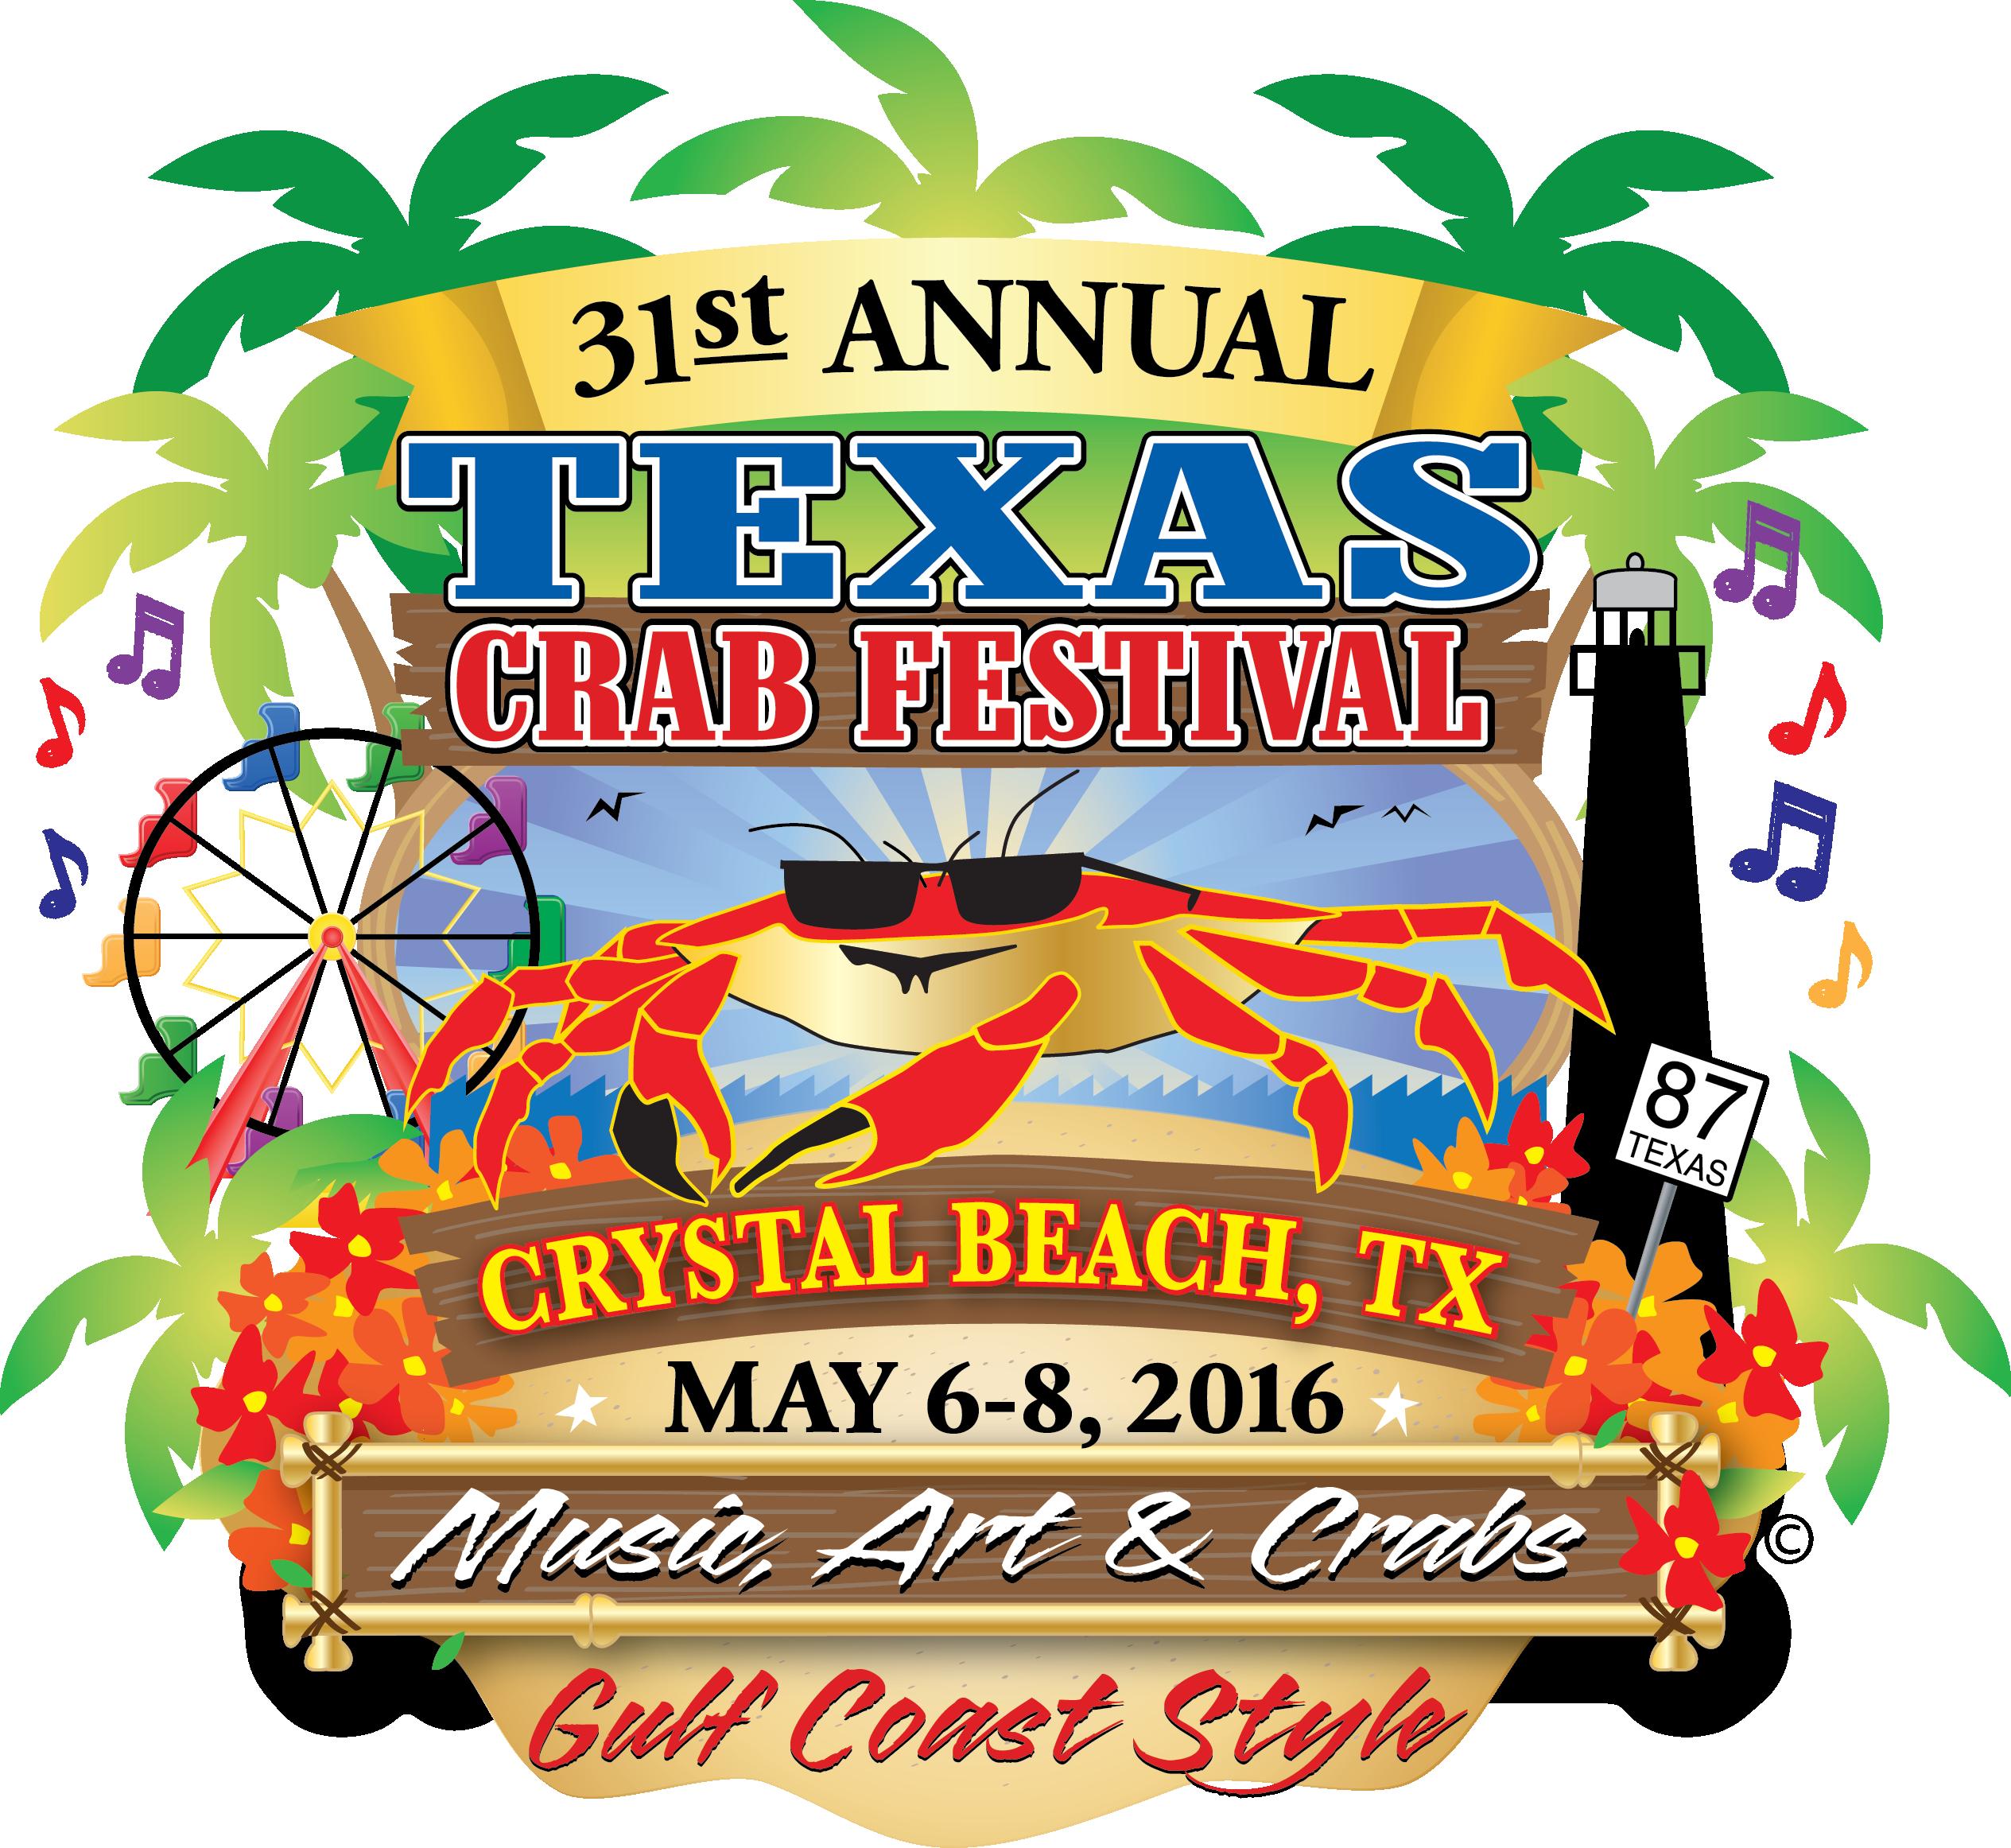 Crabs clipart crab feast. Texas festival gregory park